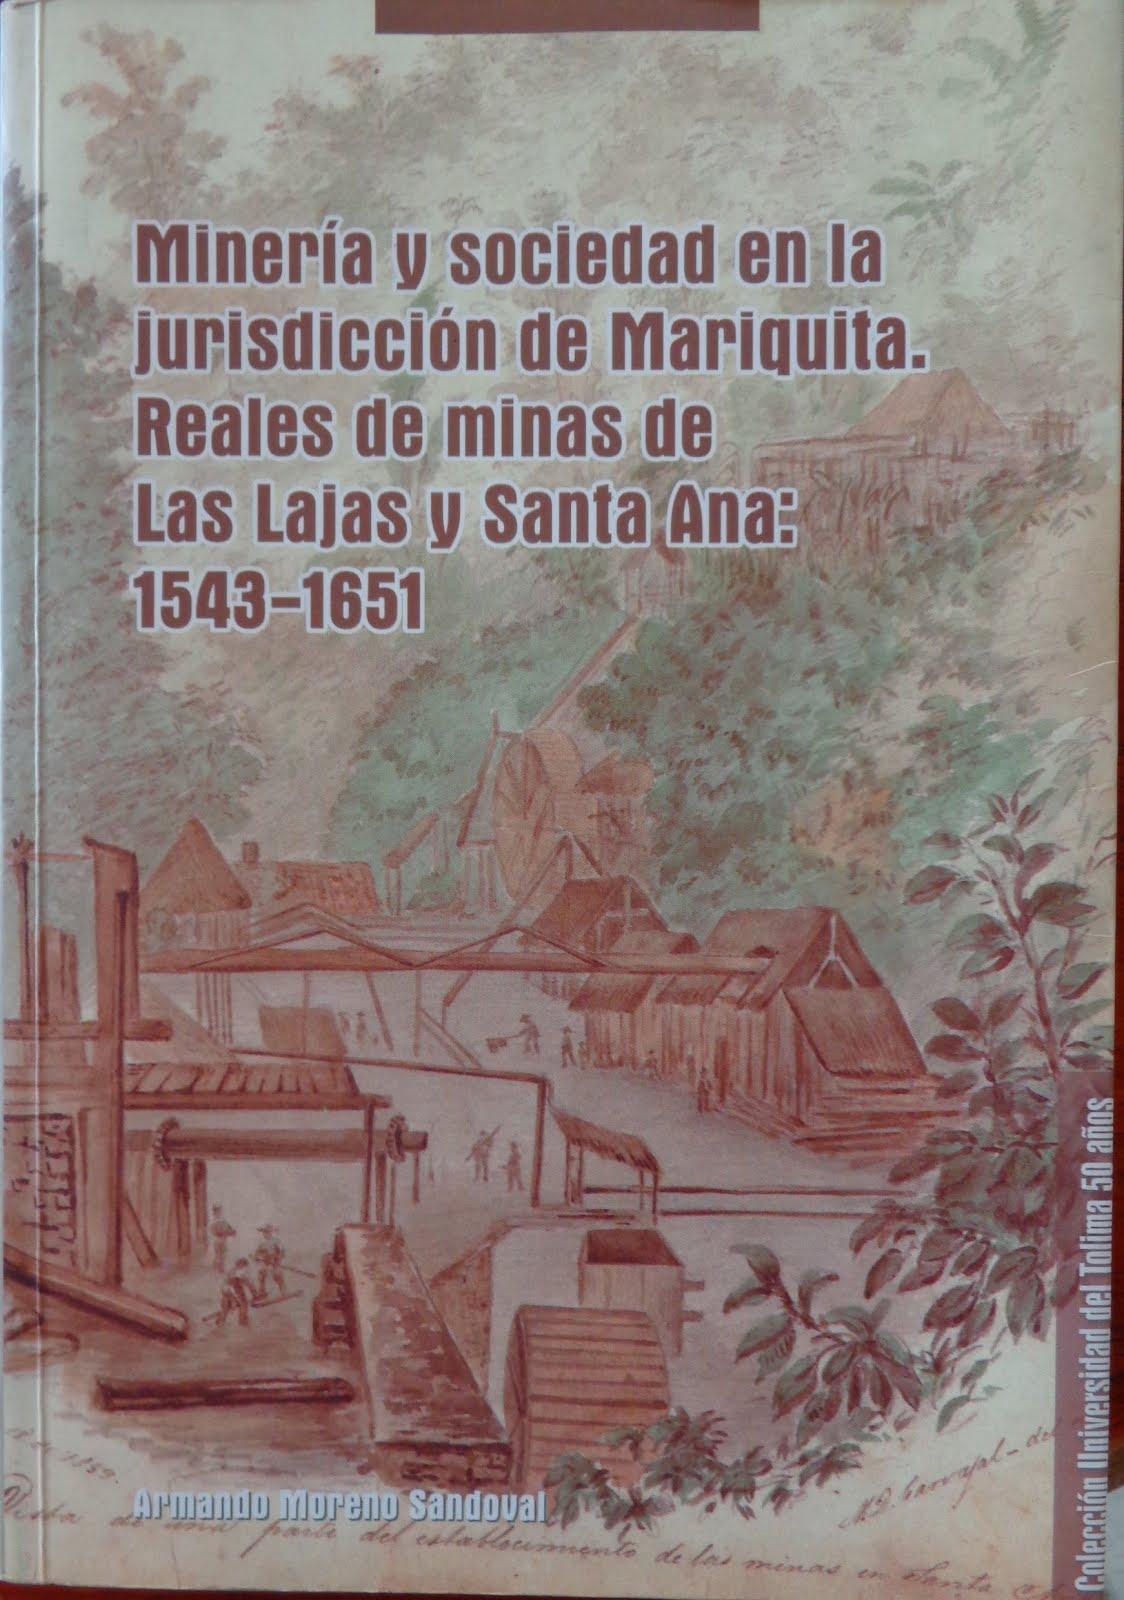 Minería y sociedad en la jurisdicción de Mariquita